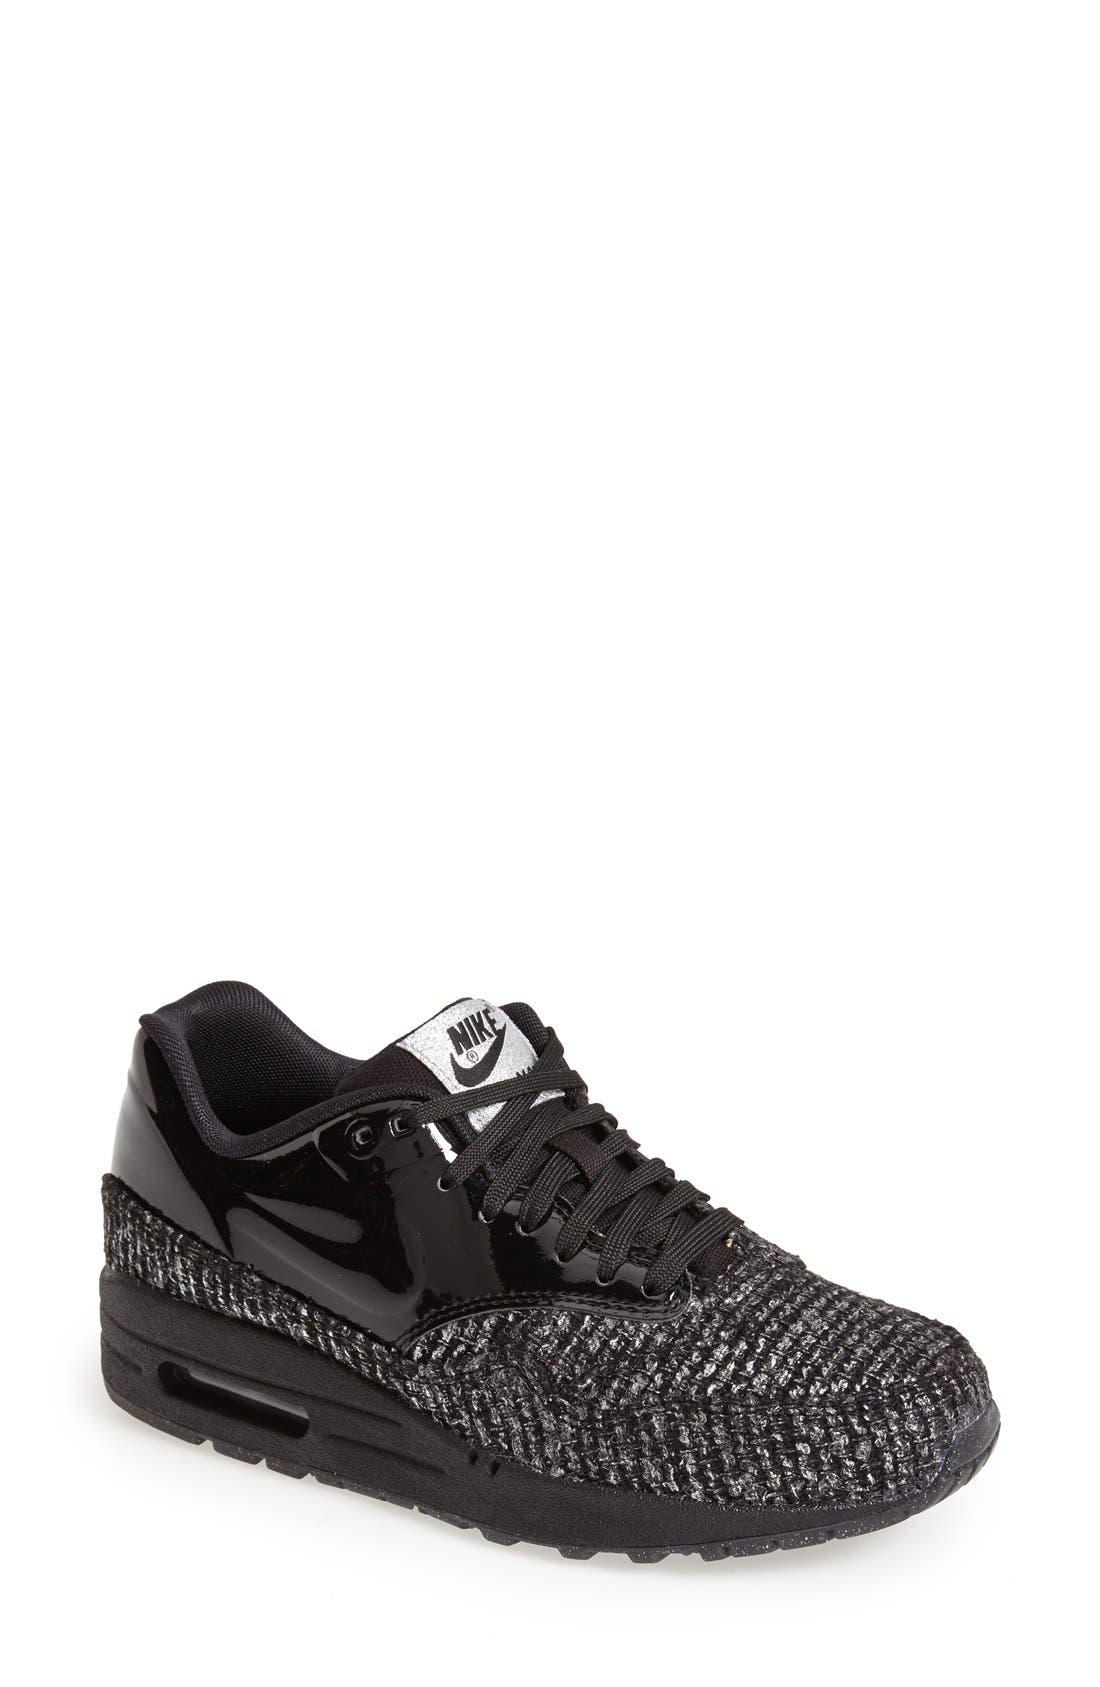 Main Image - Nike 'Air Max 1 QS' Sneaker (Women)